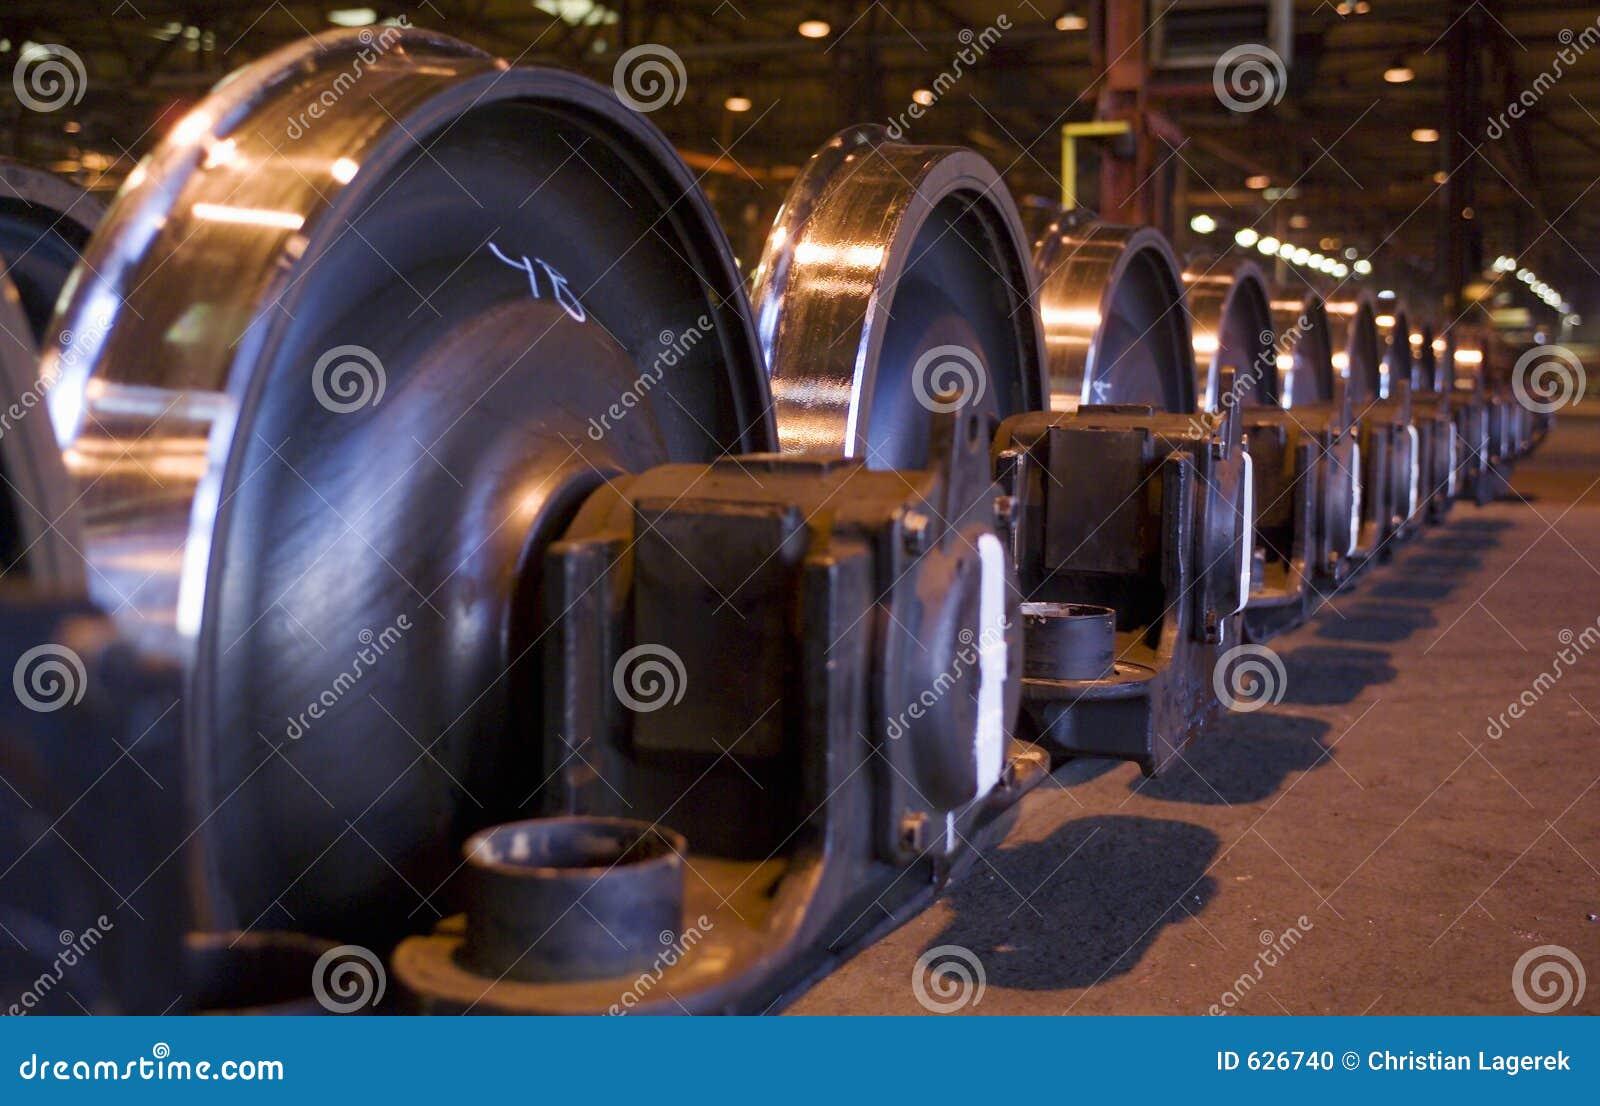 Download гигантские колеса поезда рядков Стоковое Фото - изображение насчитывающей конец, индустрия: 626740